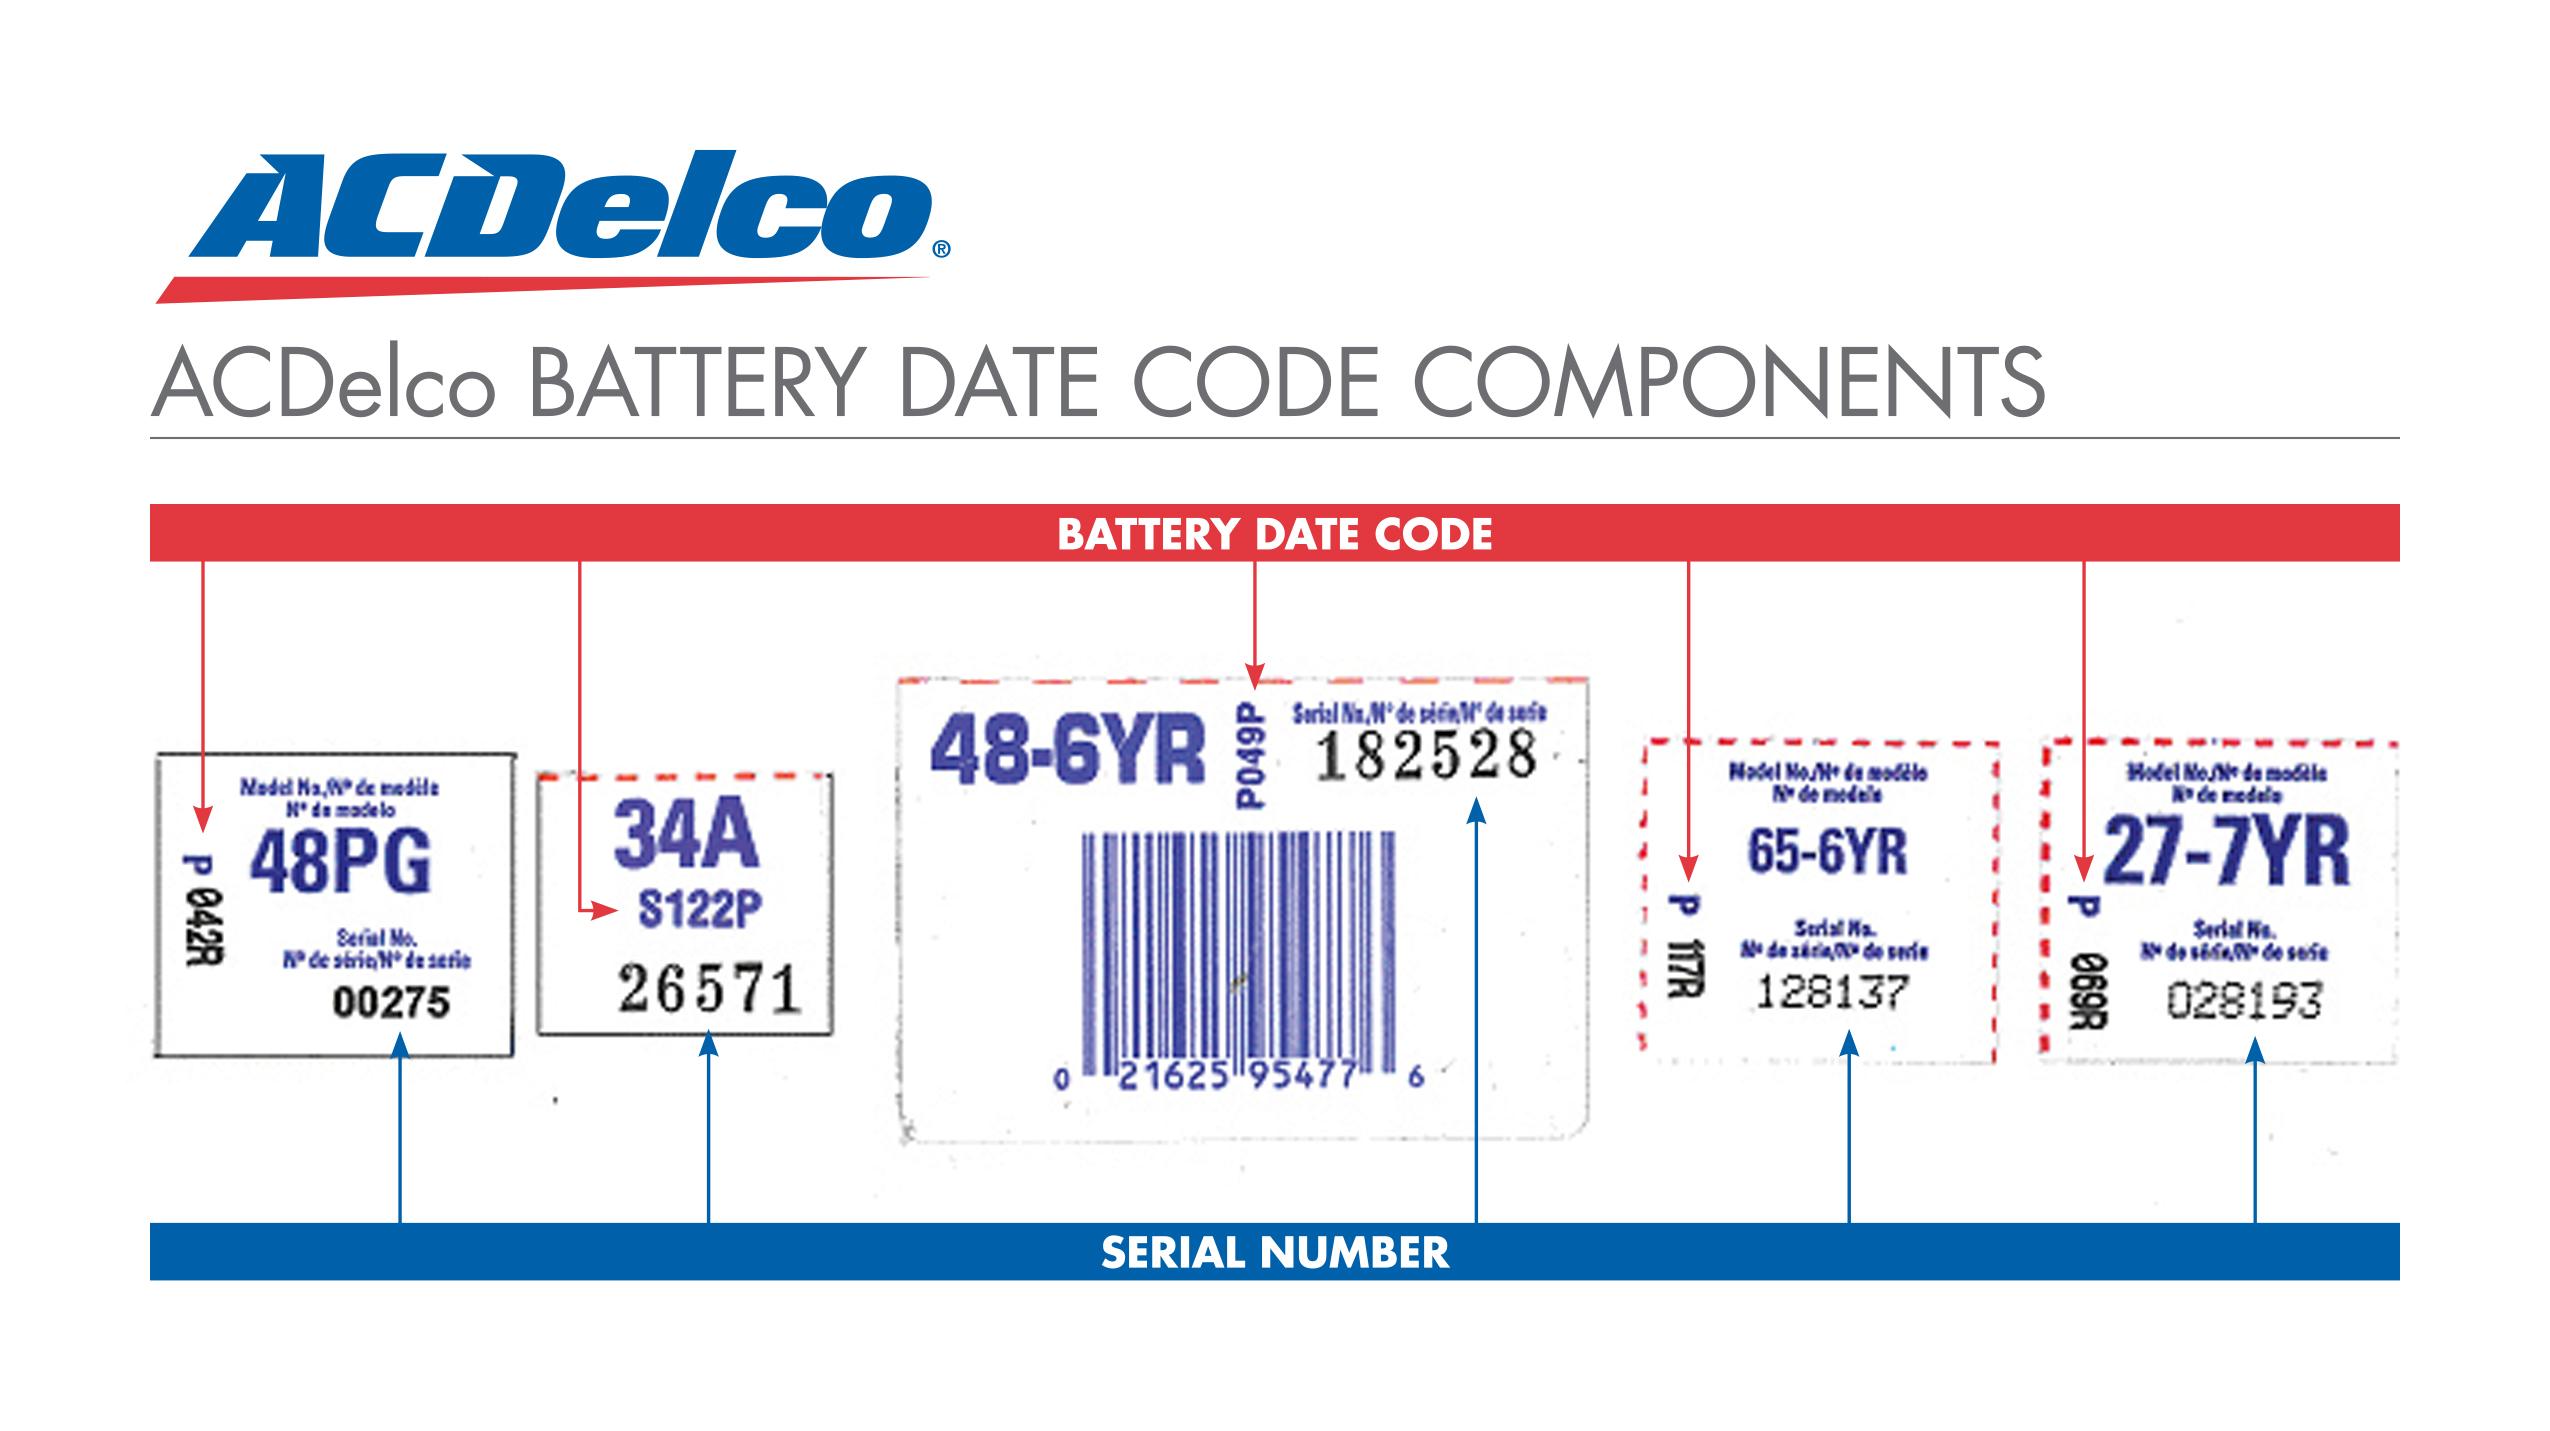 Ac Delco Battery Warranty >> Ac Delco Battery Warranty Code Reading